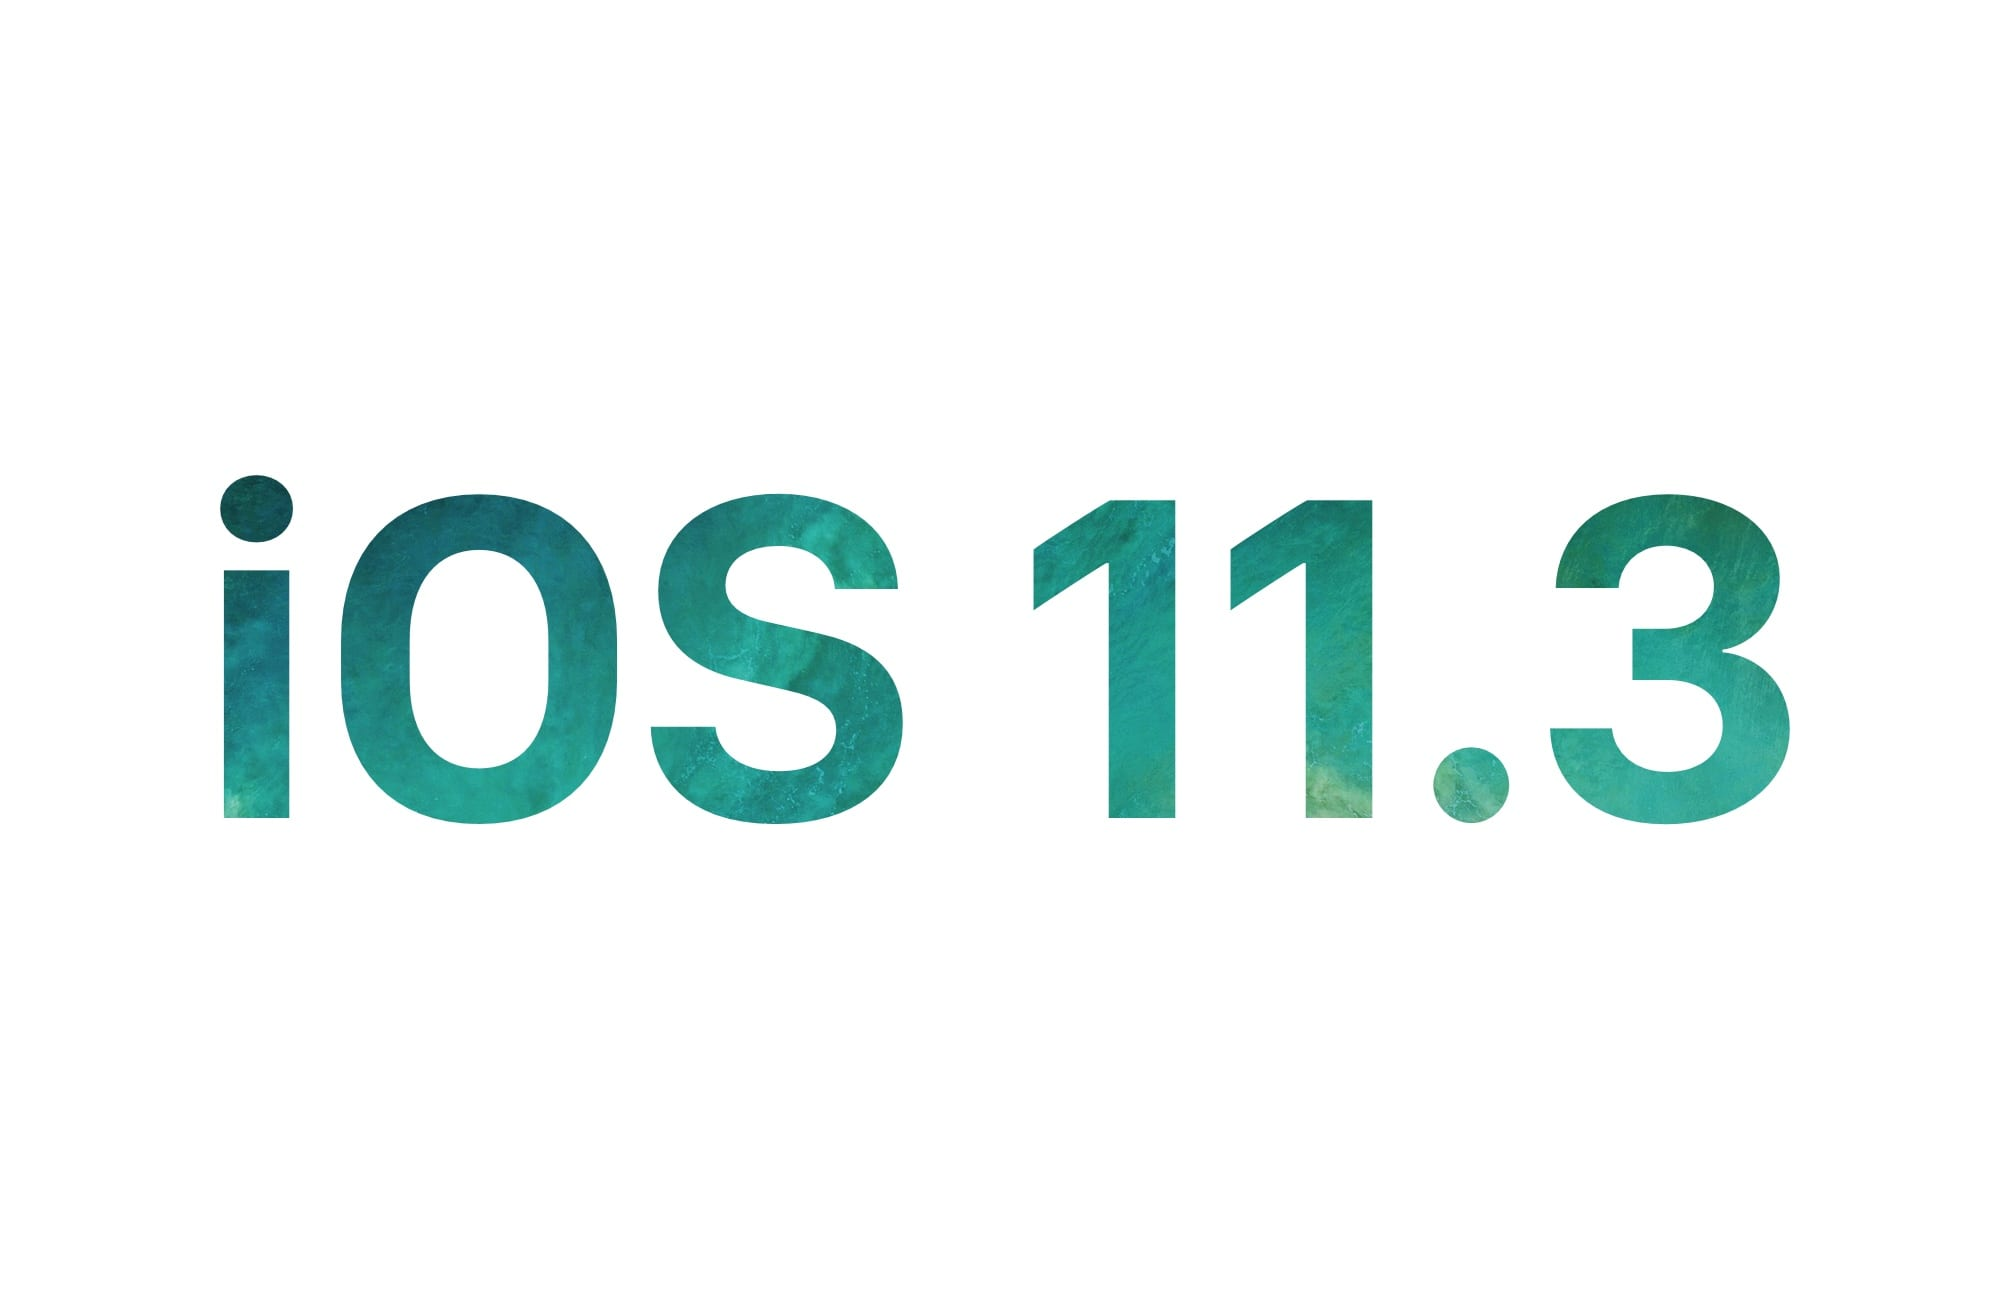 ios 11 3 background clipping2 - Najpopulárnejšie články na MacBlogu za rok 2018